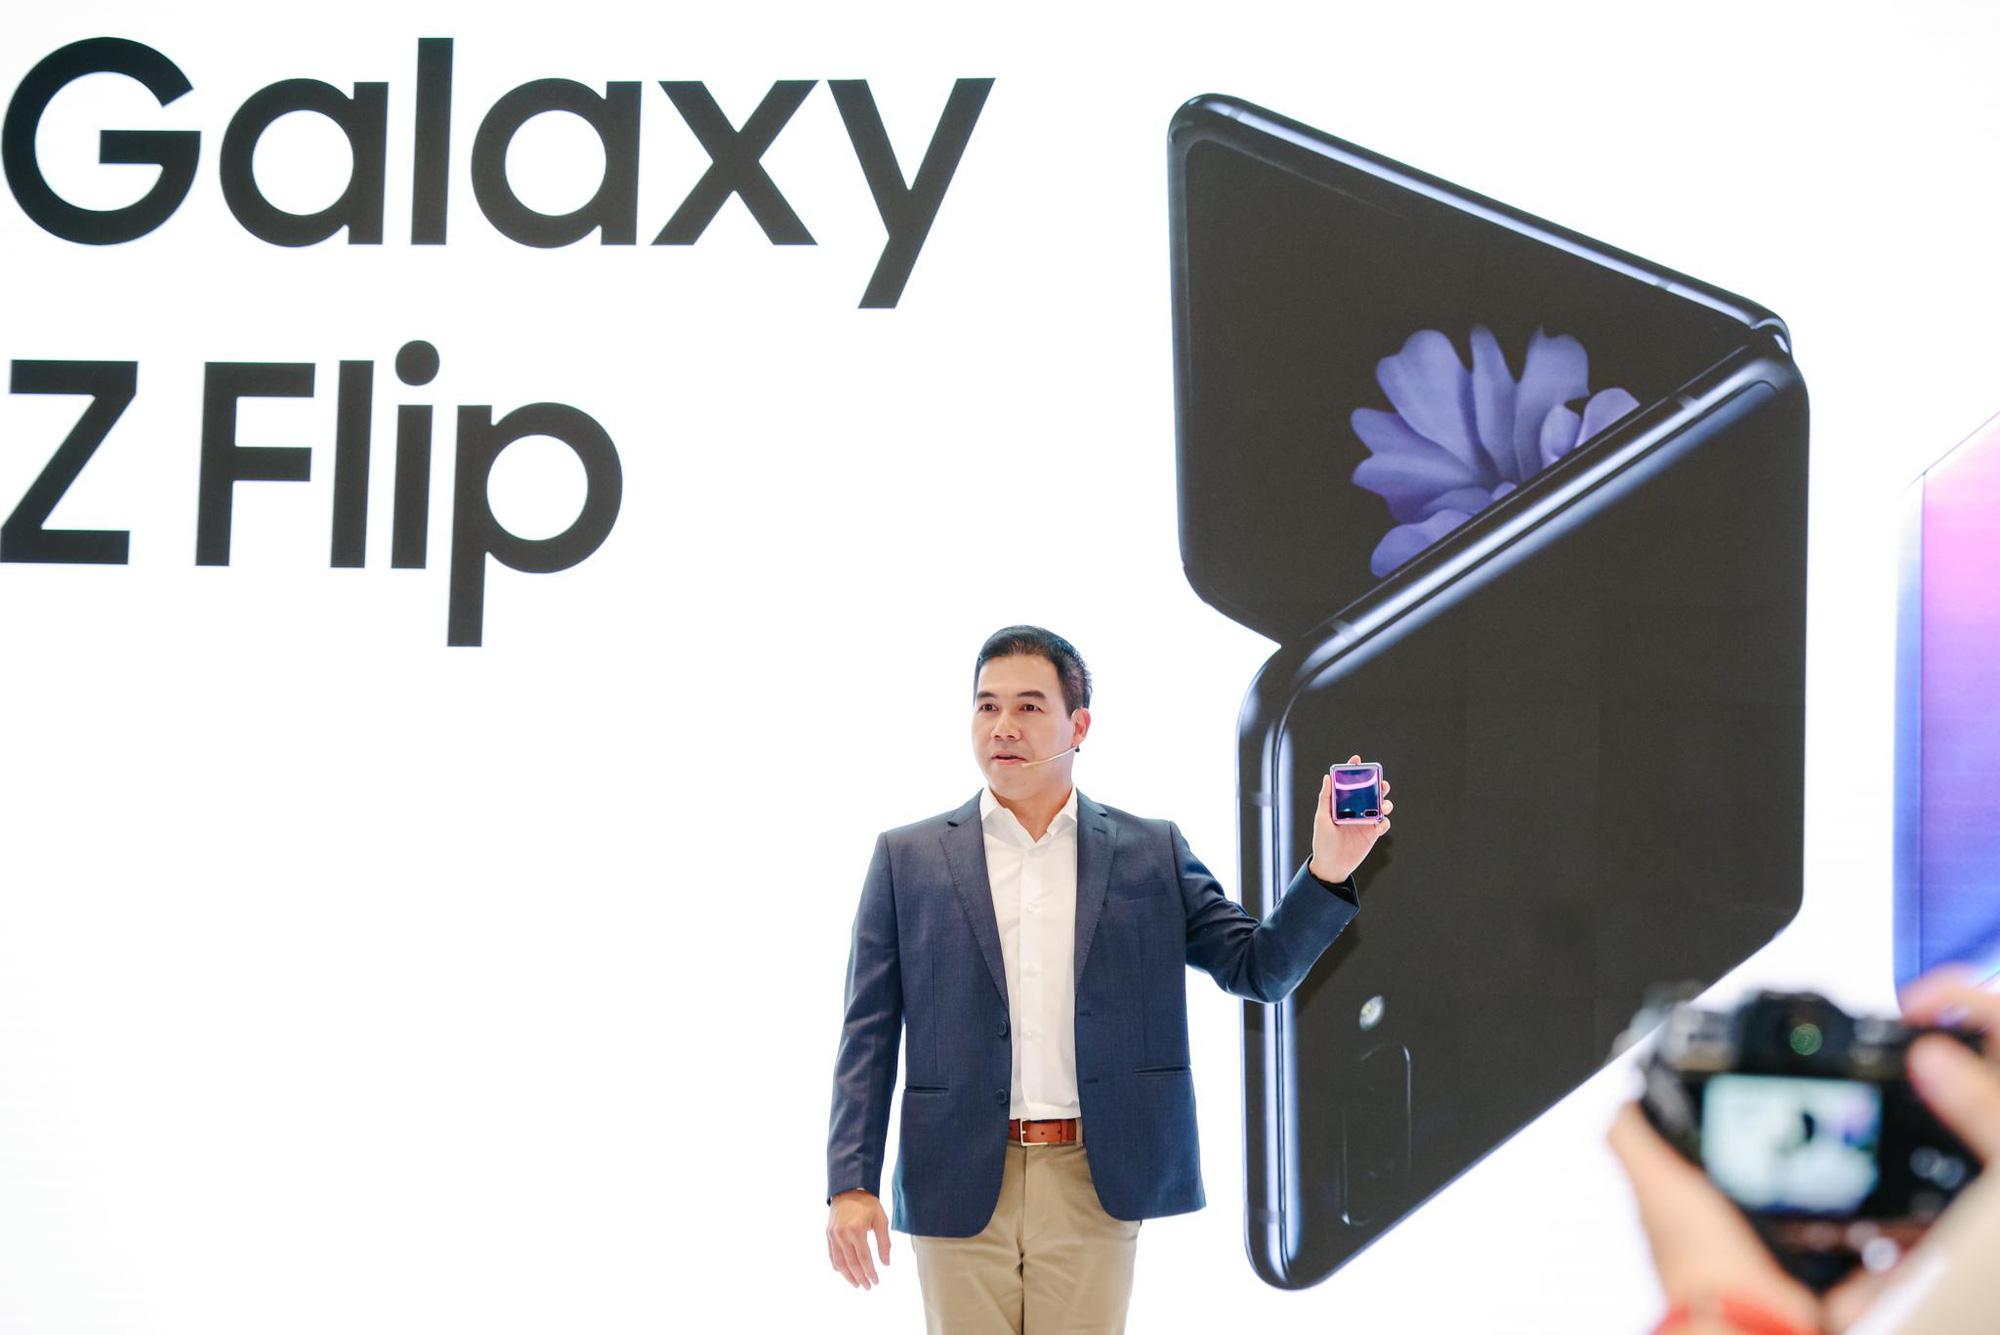 Galaxy Z Flip ra mắt chính thức tại Việt Nam, mở đầu xu hướng thời trang công nghệ mới - Ảnh 2.